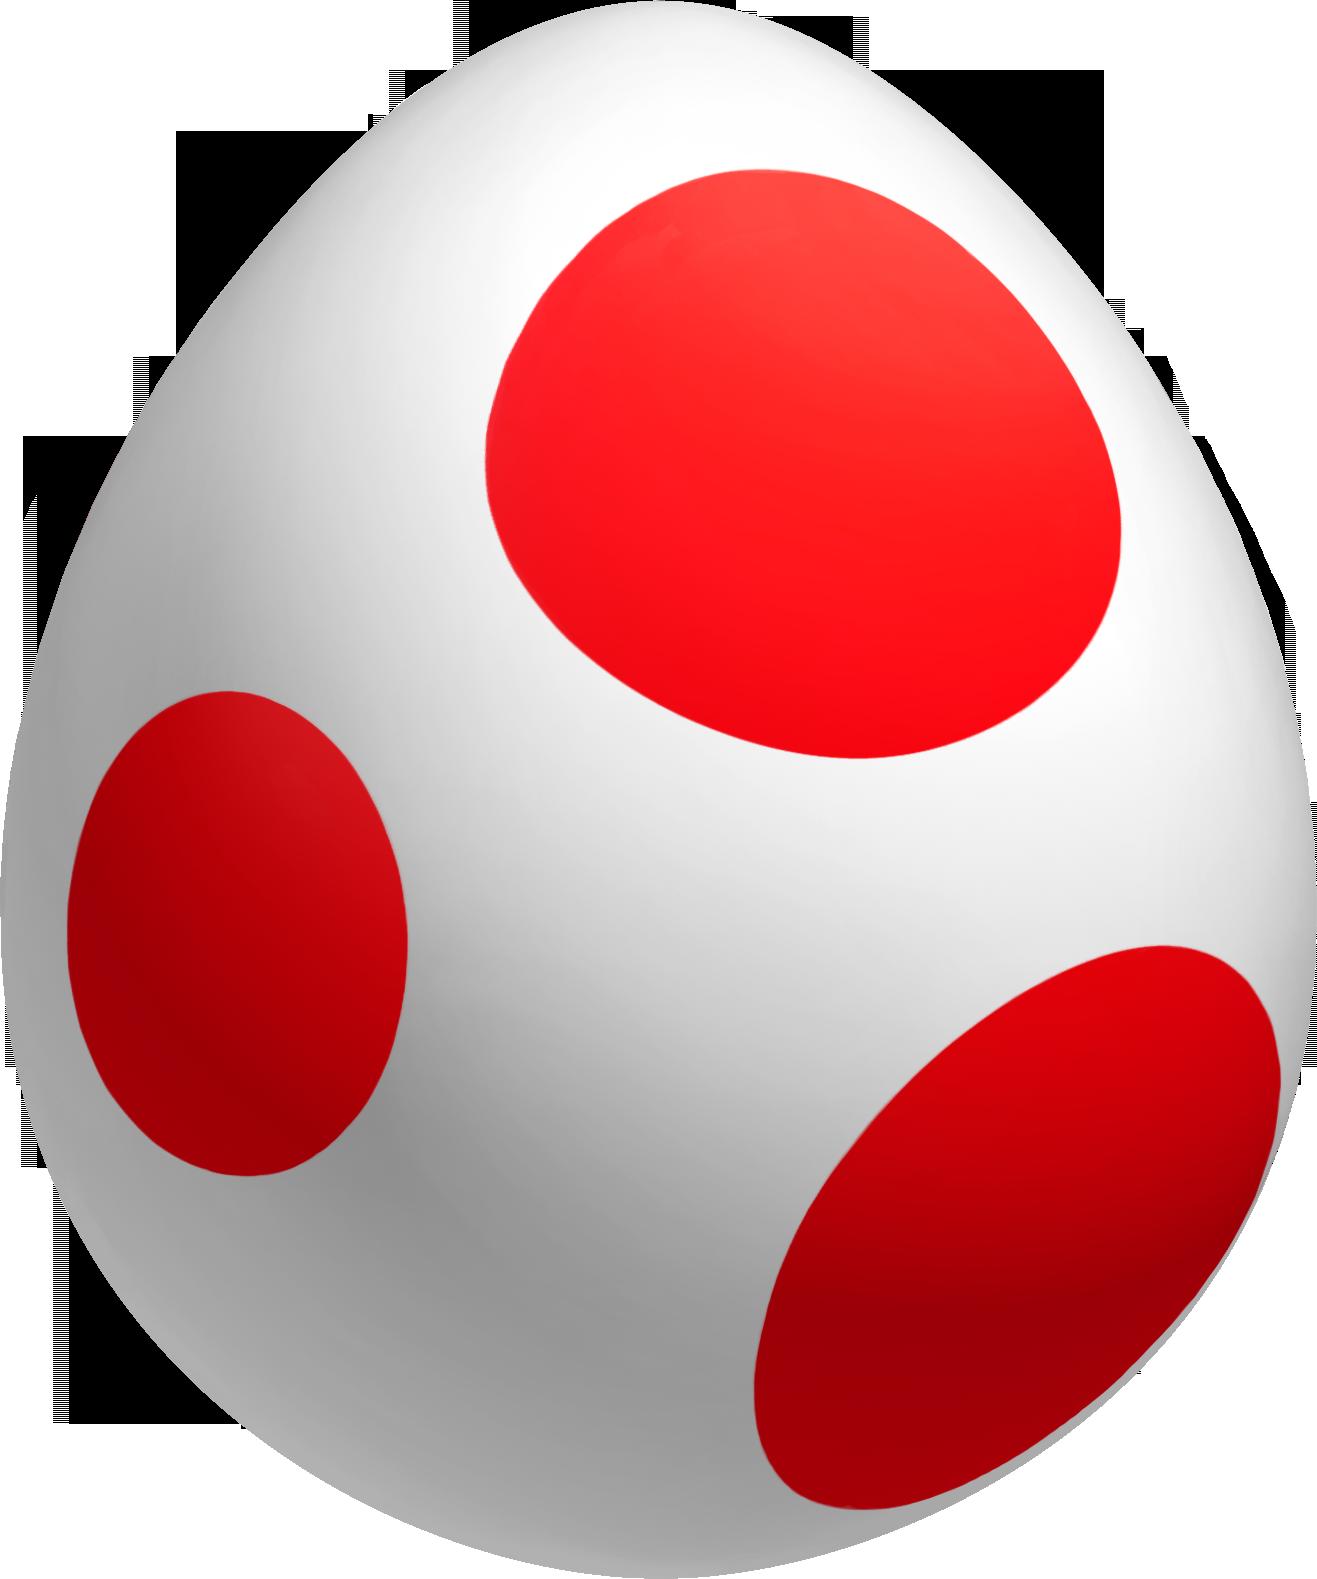 Super Mario Red Yoshi Egg Fiesta De Mario Bros Cumple De Mario Bros Tatuaje De Mario